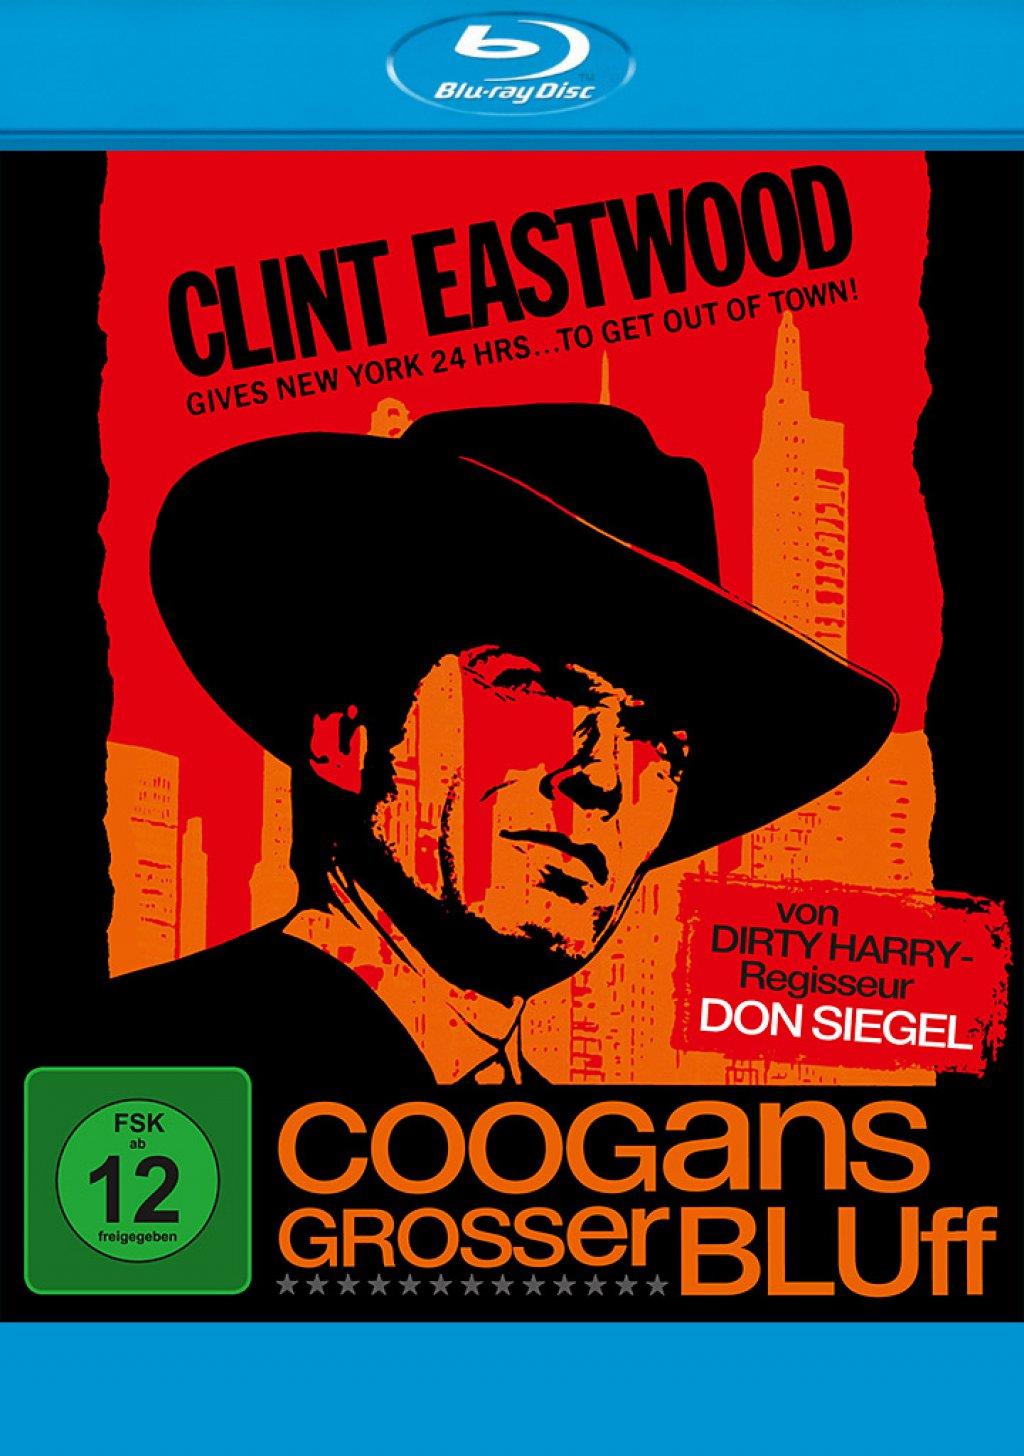 Coogans grosser Bluff (Blu-ray)